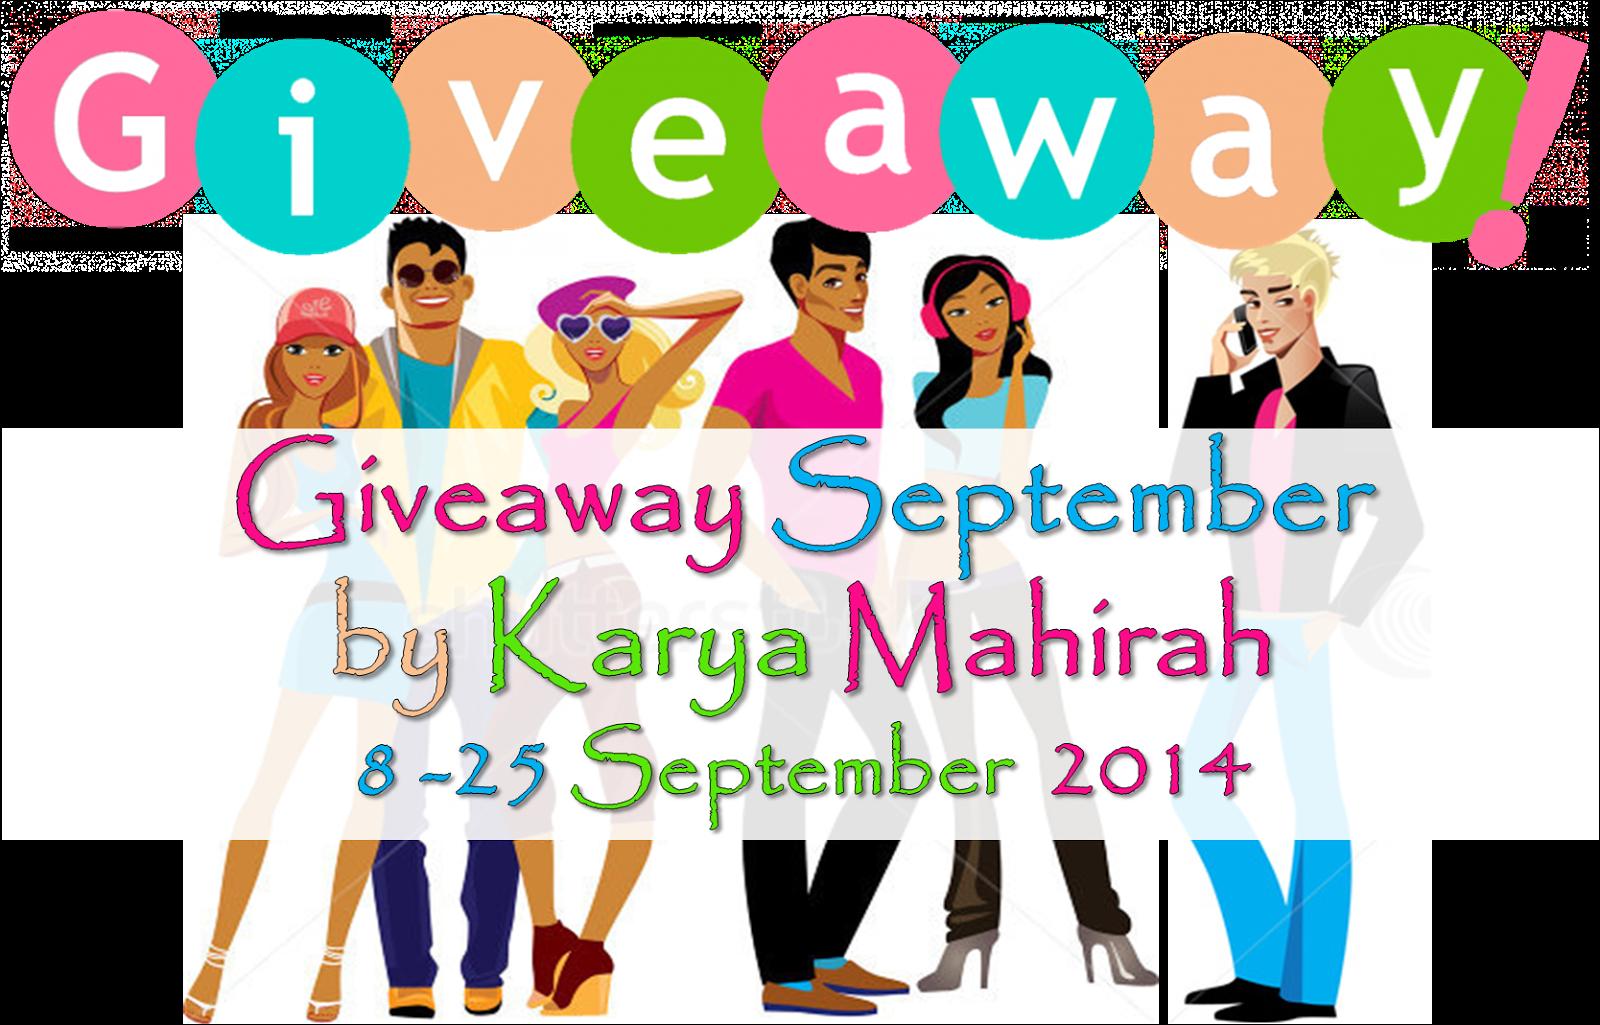 http://karyamahirah.blogspot.com/2014/09/giveaway-september-by-karya-mahirah.html